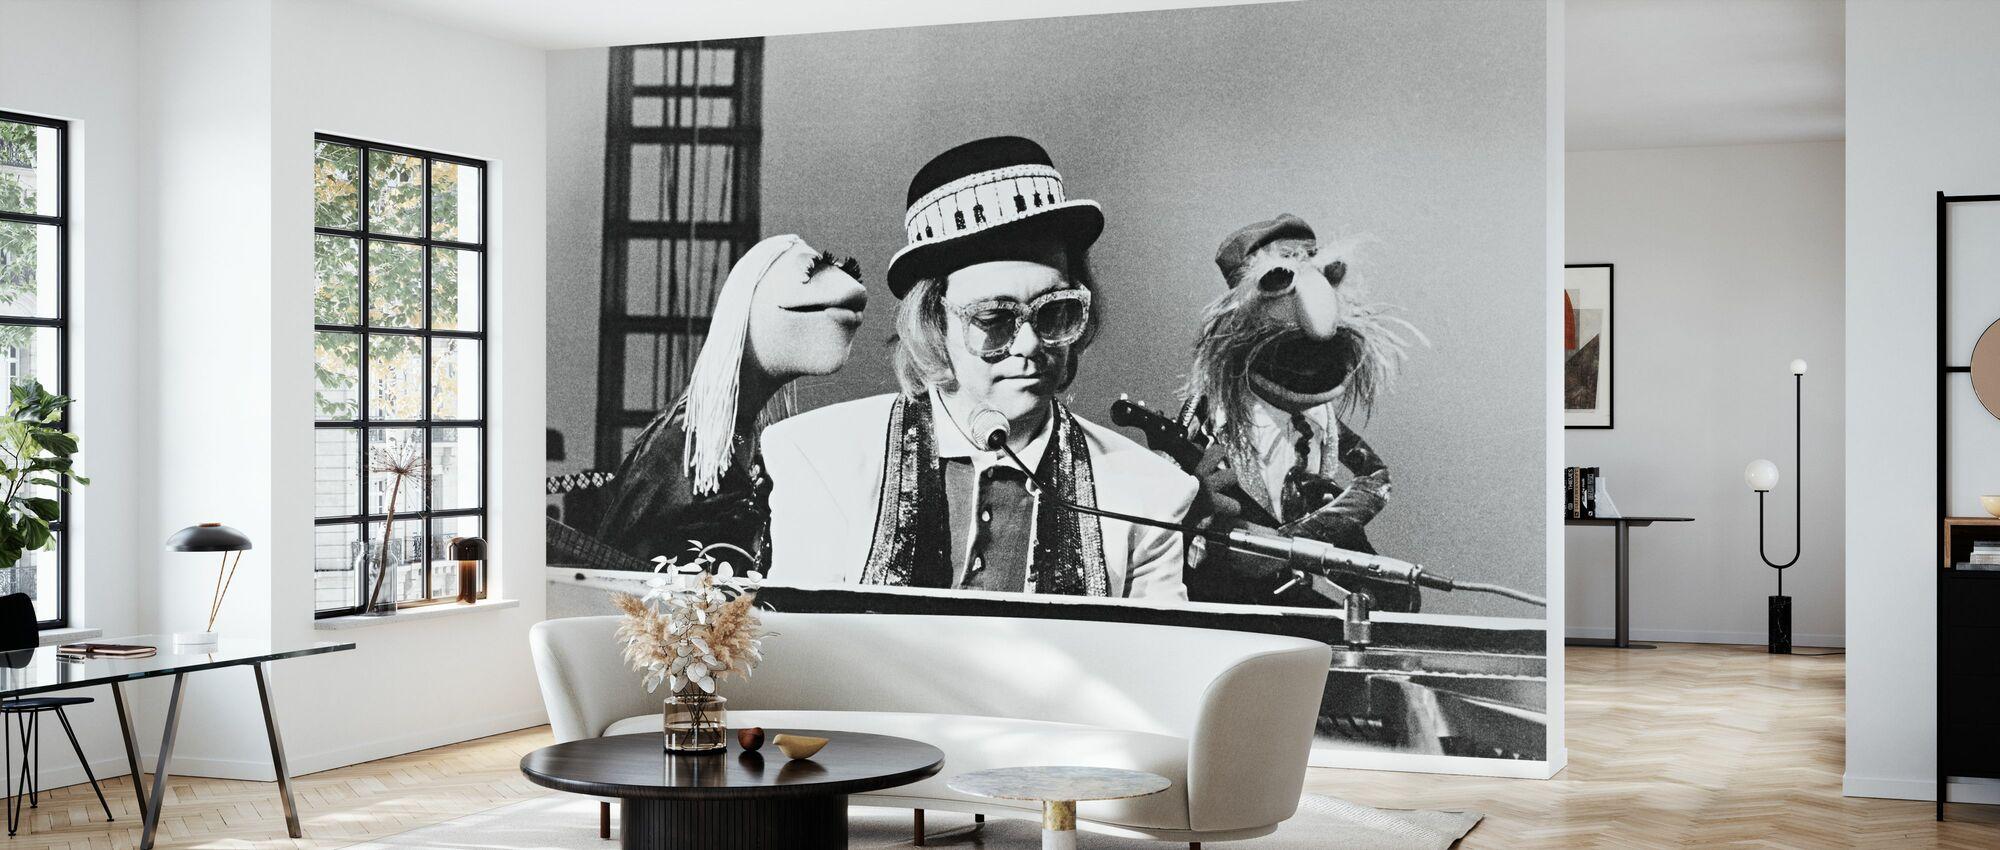 Mupparna Show - Elton John - Tapet - Vardagsrum